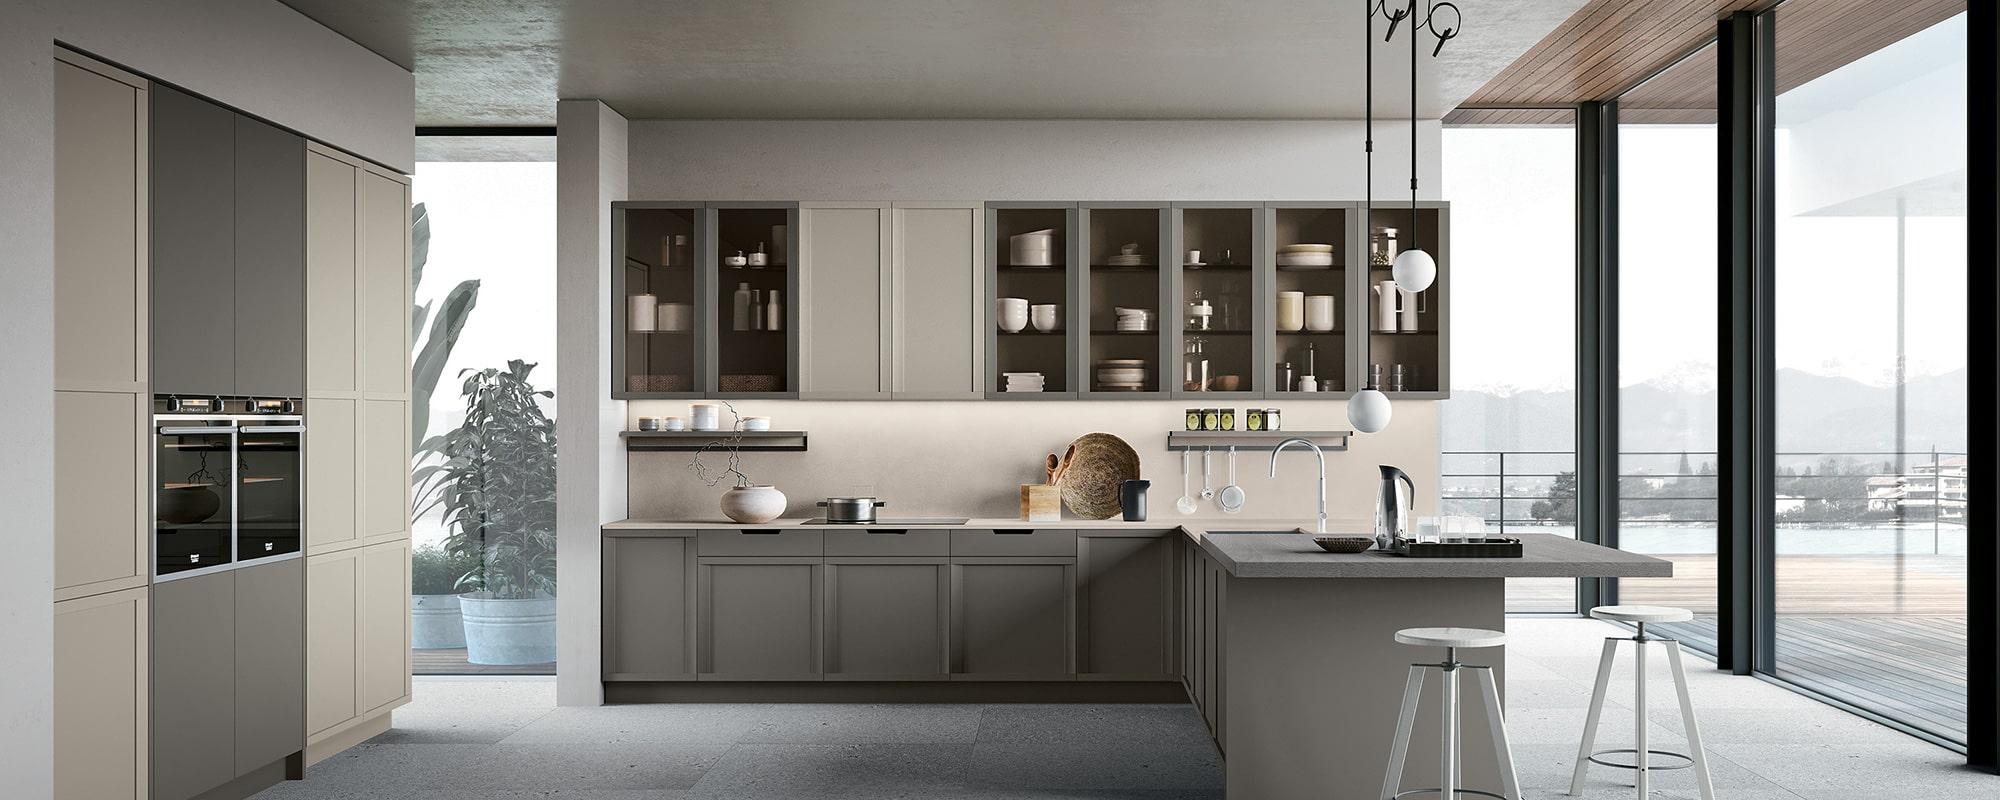 cucine-classiche-stosa-newport-stefano-arredamenti-lecce-1.jpg